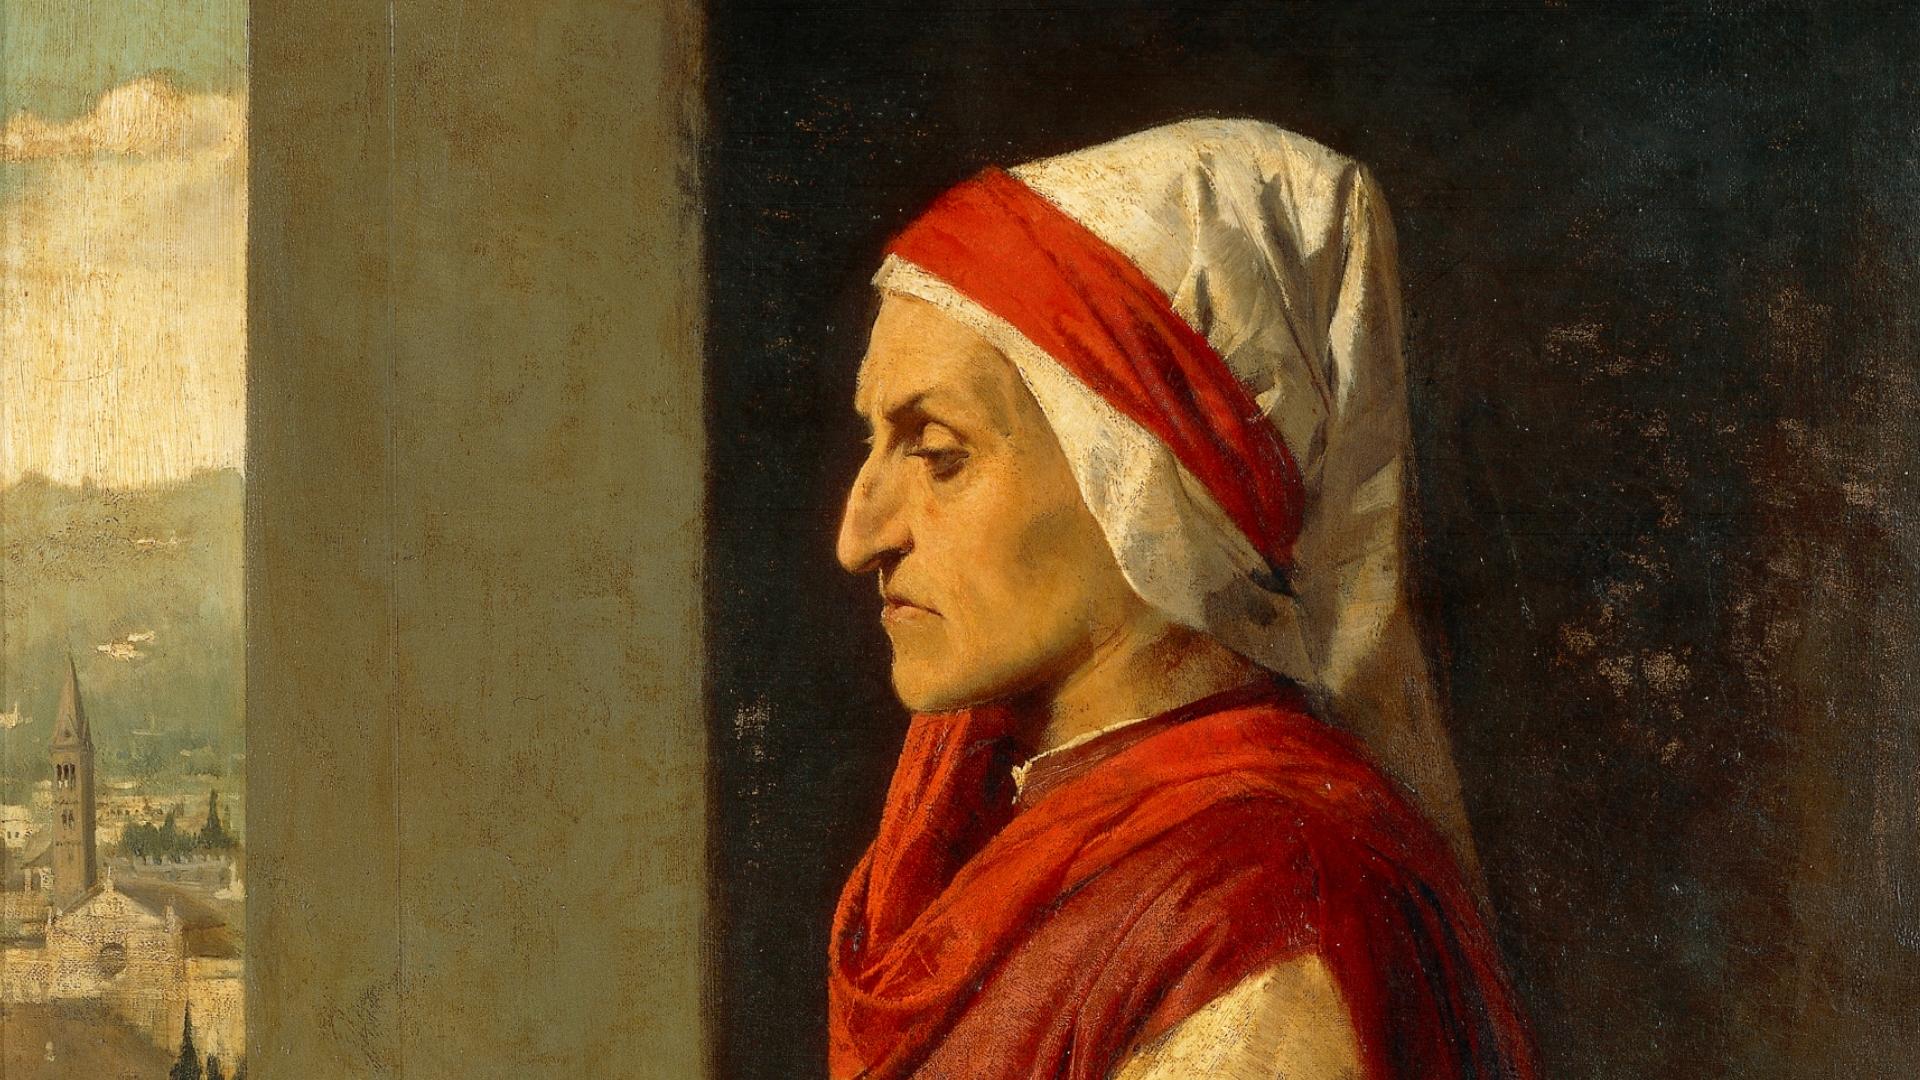 <p>Angelo Pietrasanta, <em>Ritratto di Dante</em>, dettaglio<br /> Olio su tela</p>